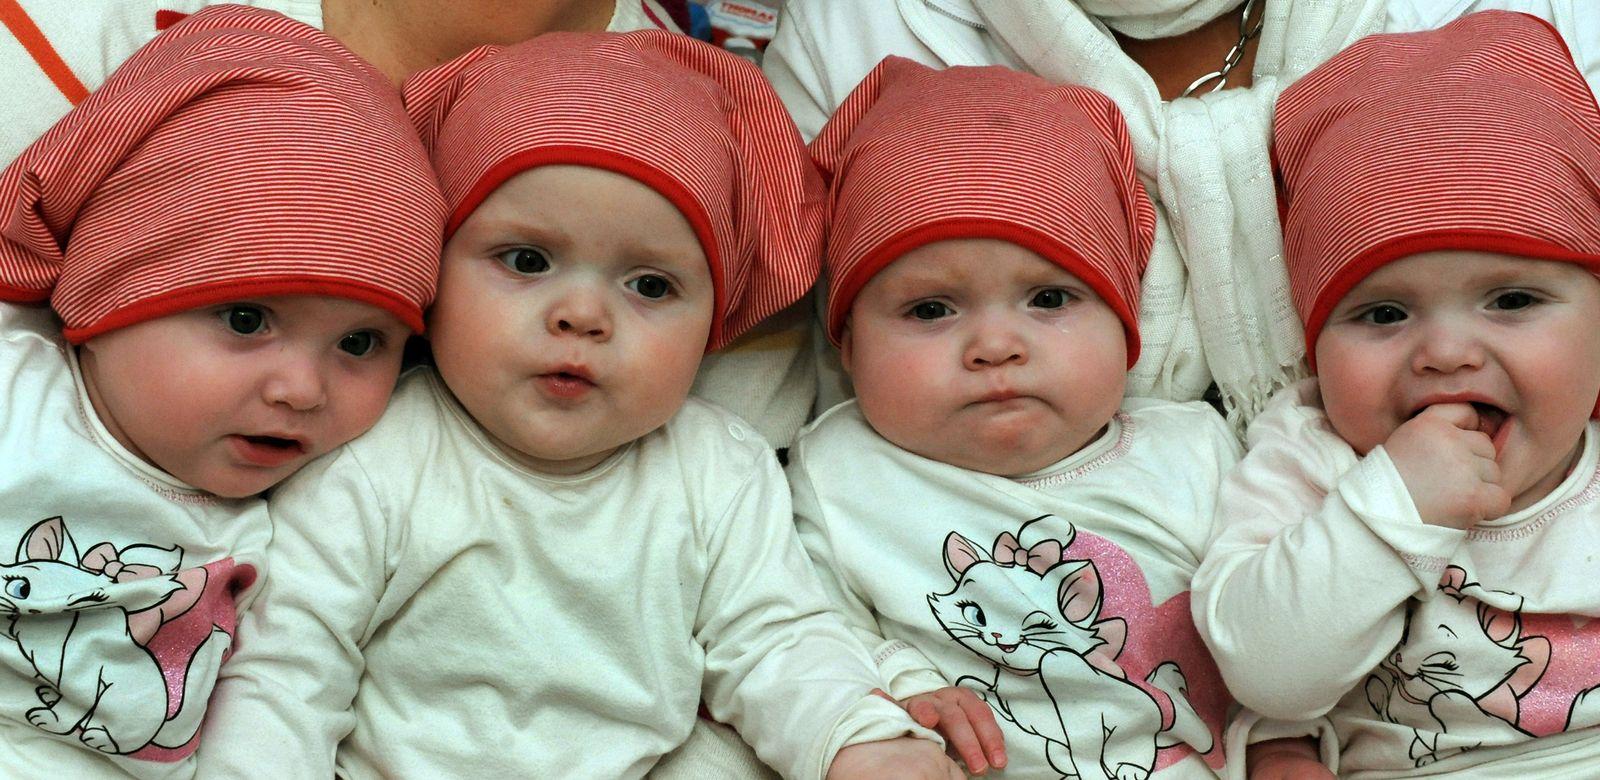 Mehrlingskinder / Zwillinge